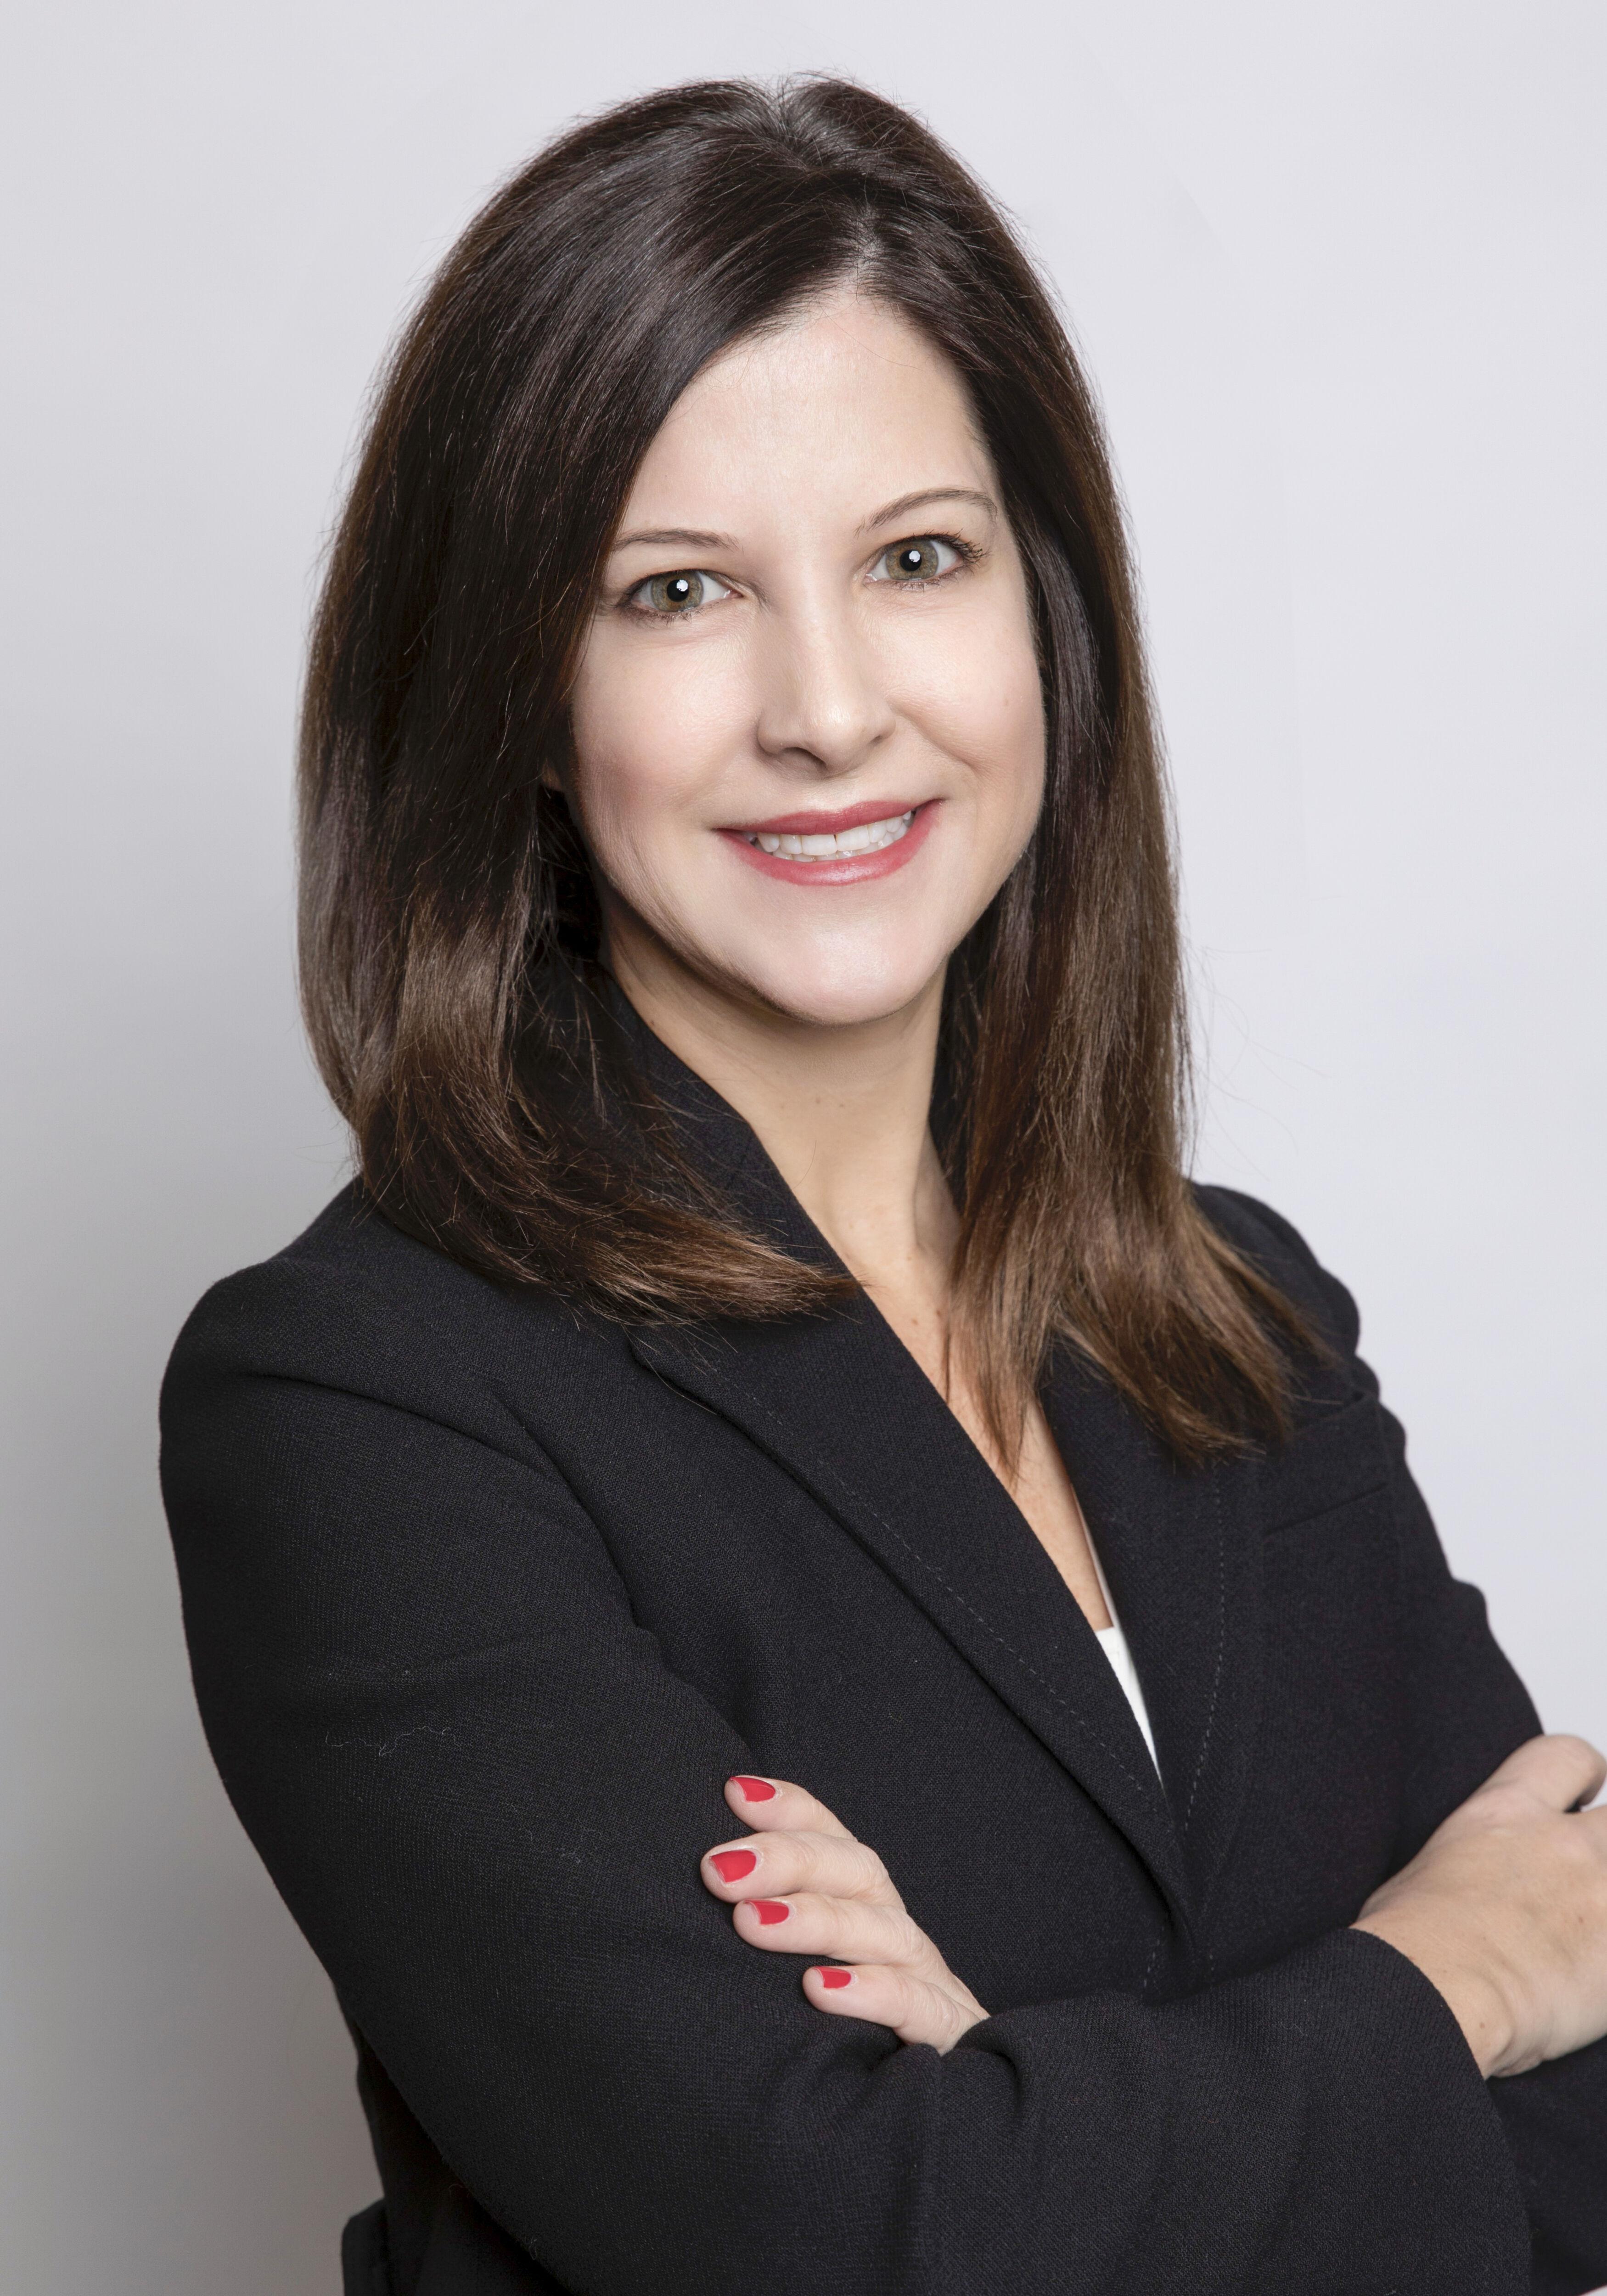 Sandra Bosela